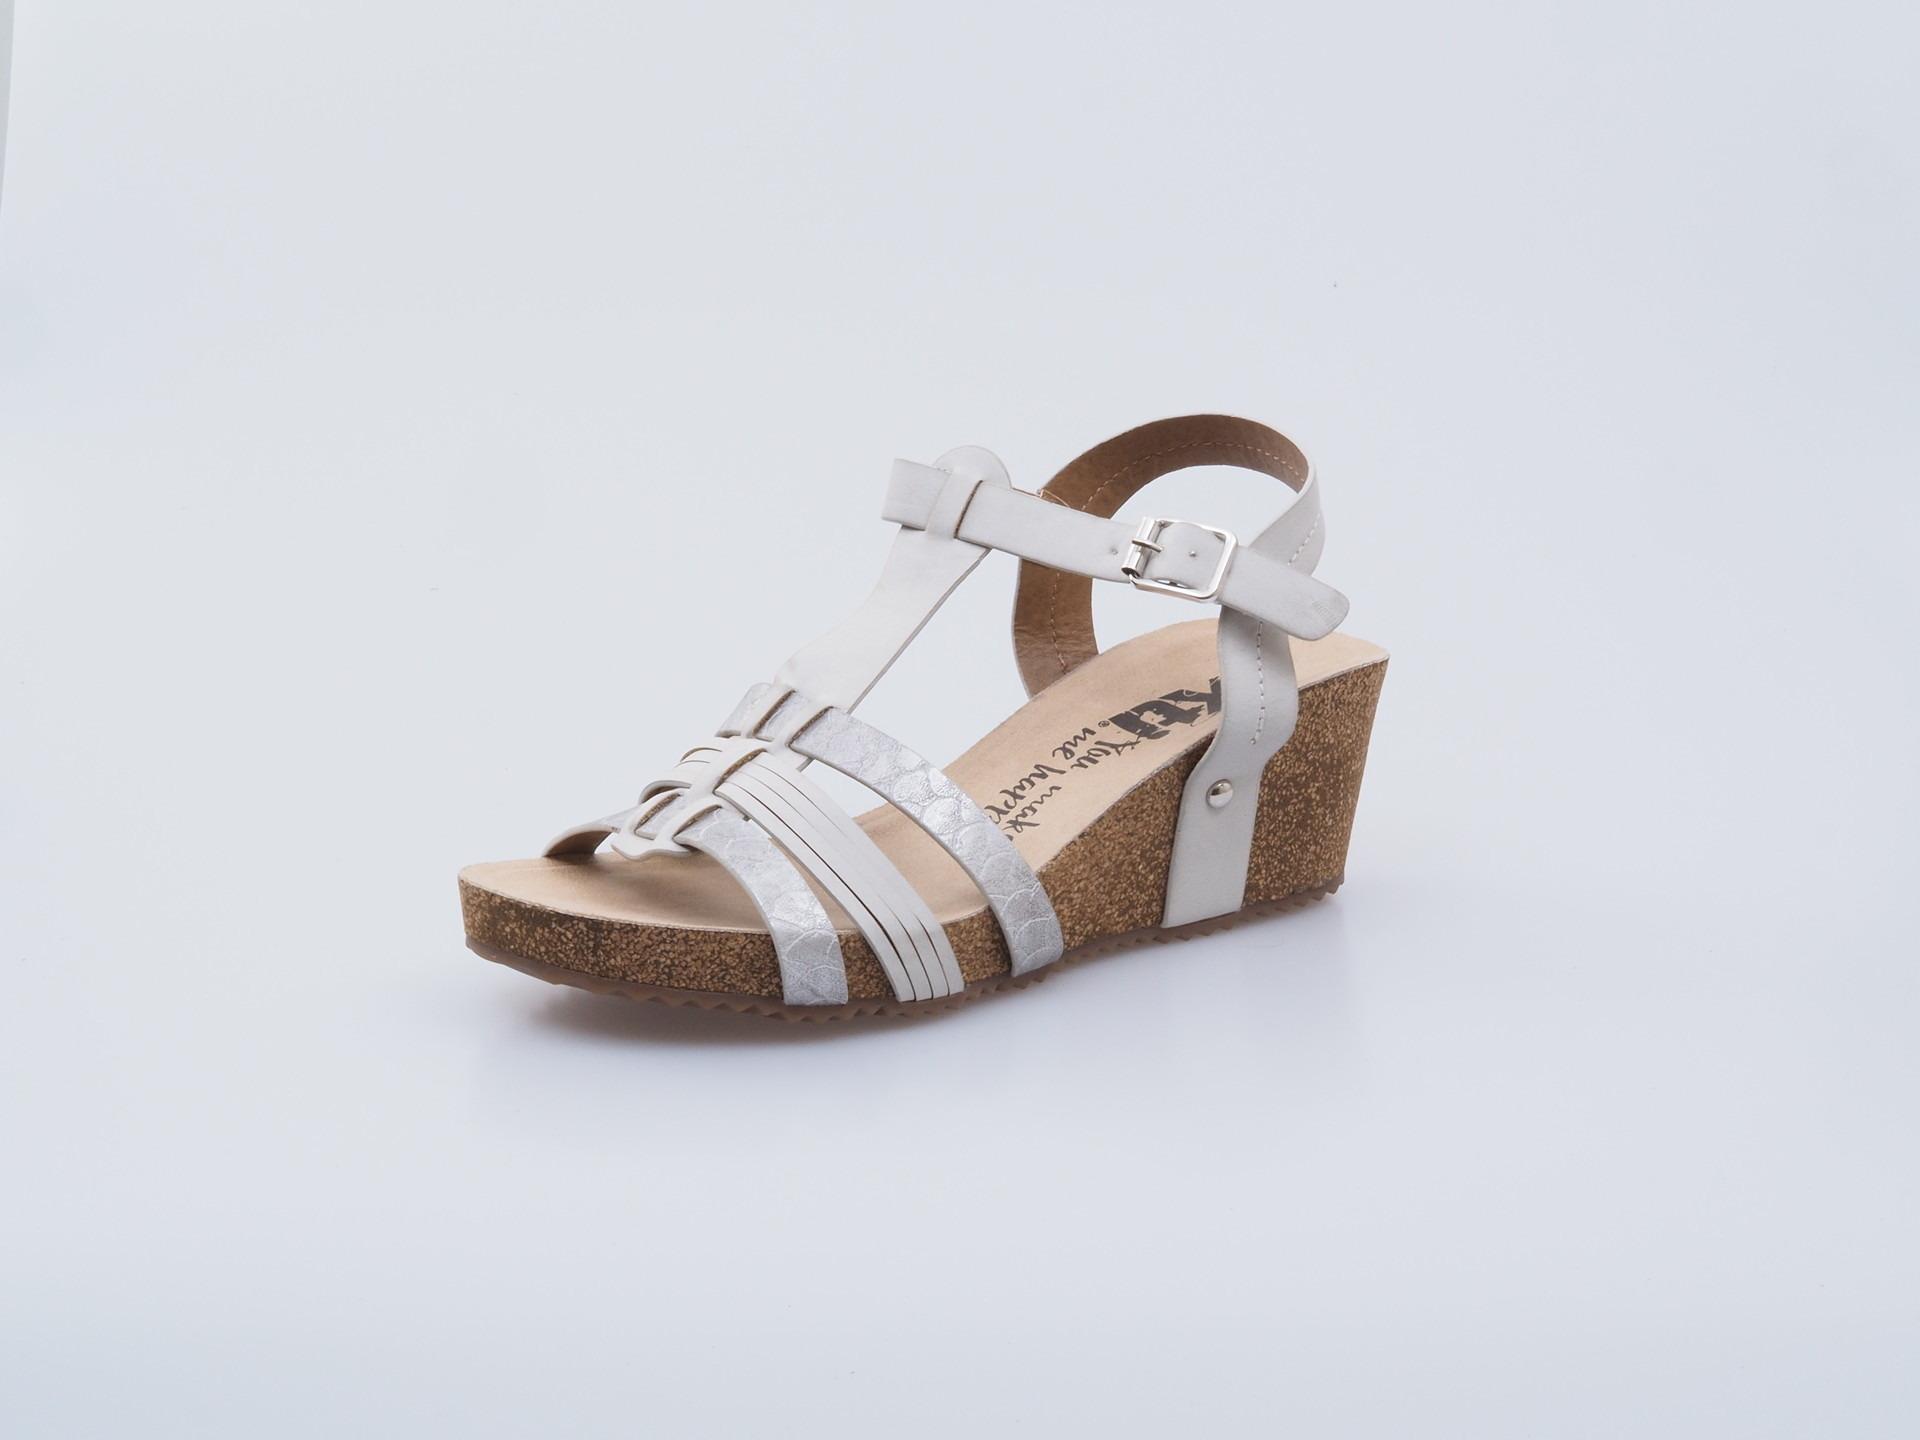 2441f89e6fc1 Soňa - Dámska obuv - Sandále - Xti dámska otvorená sandála strieborná